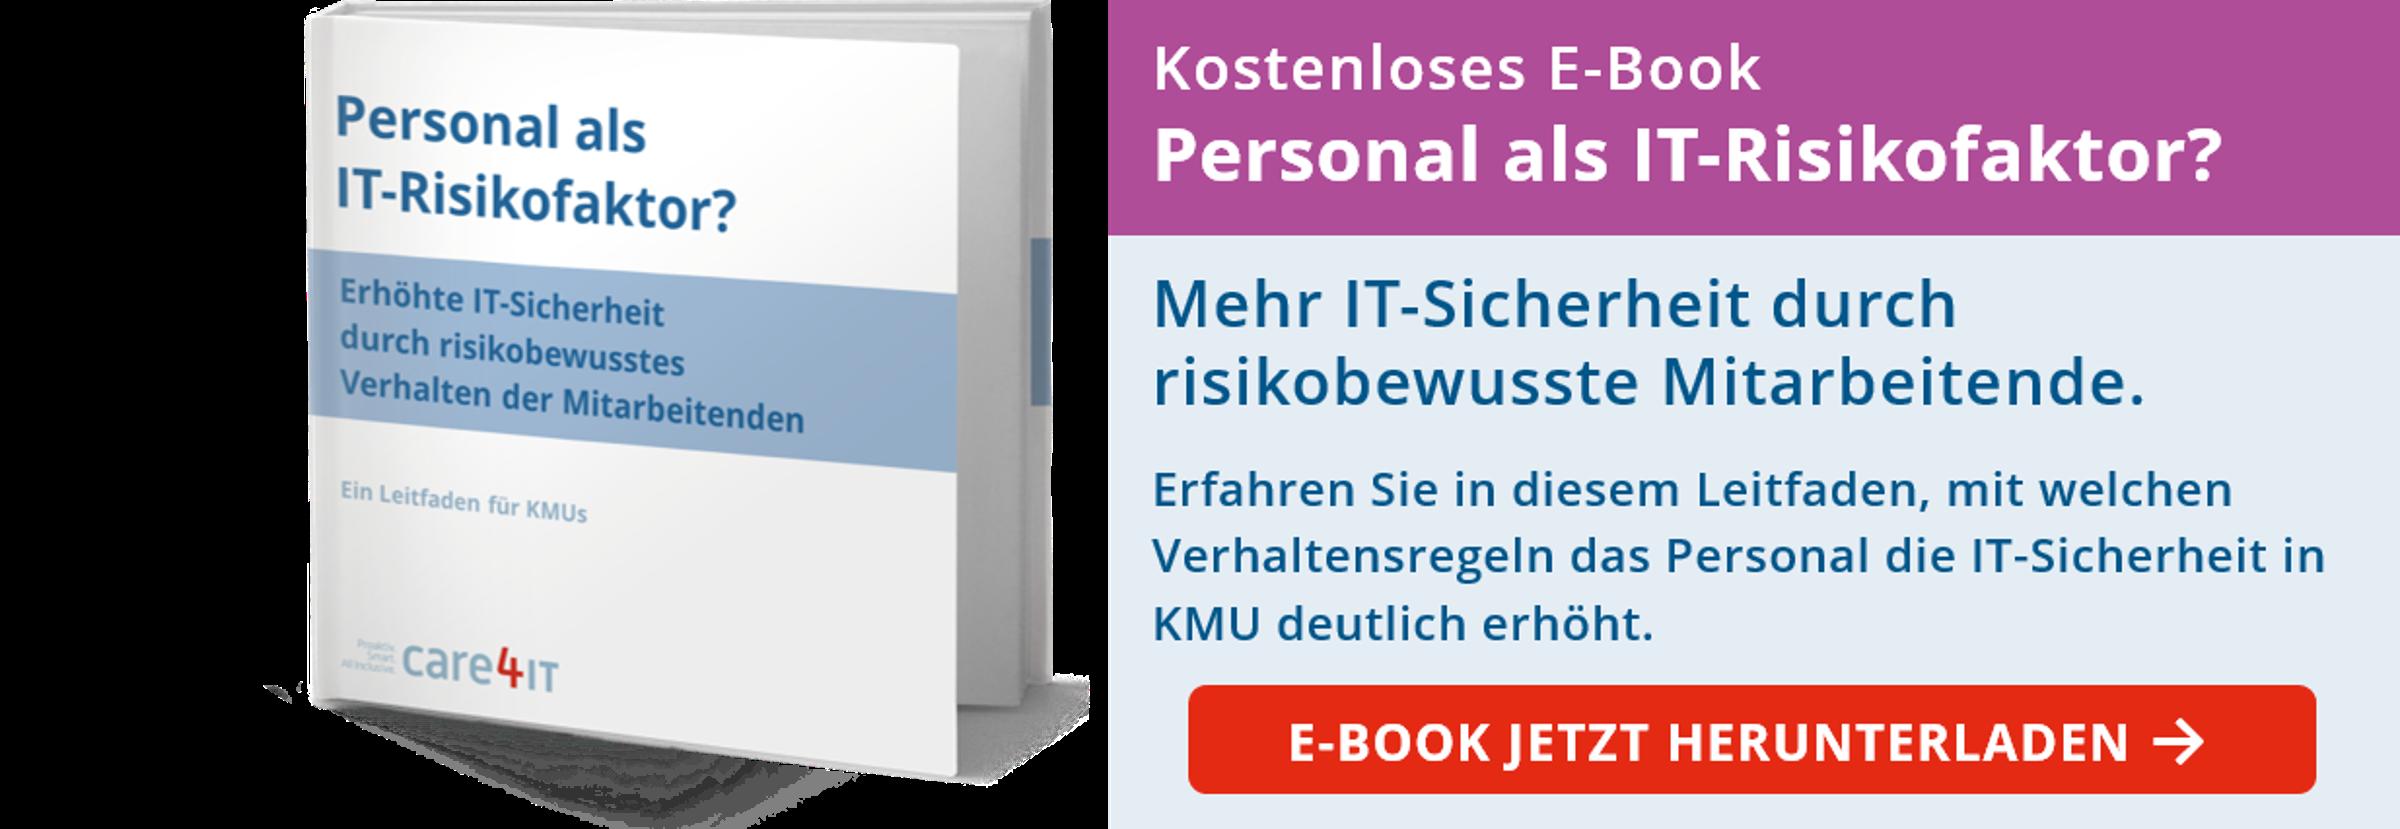 Personal als IT-Risikofaktor: Mehr IT-Sicherheit durch risikobewusste Mitarbeitende